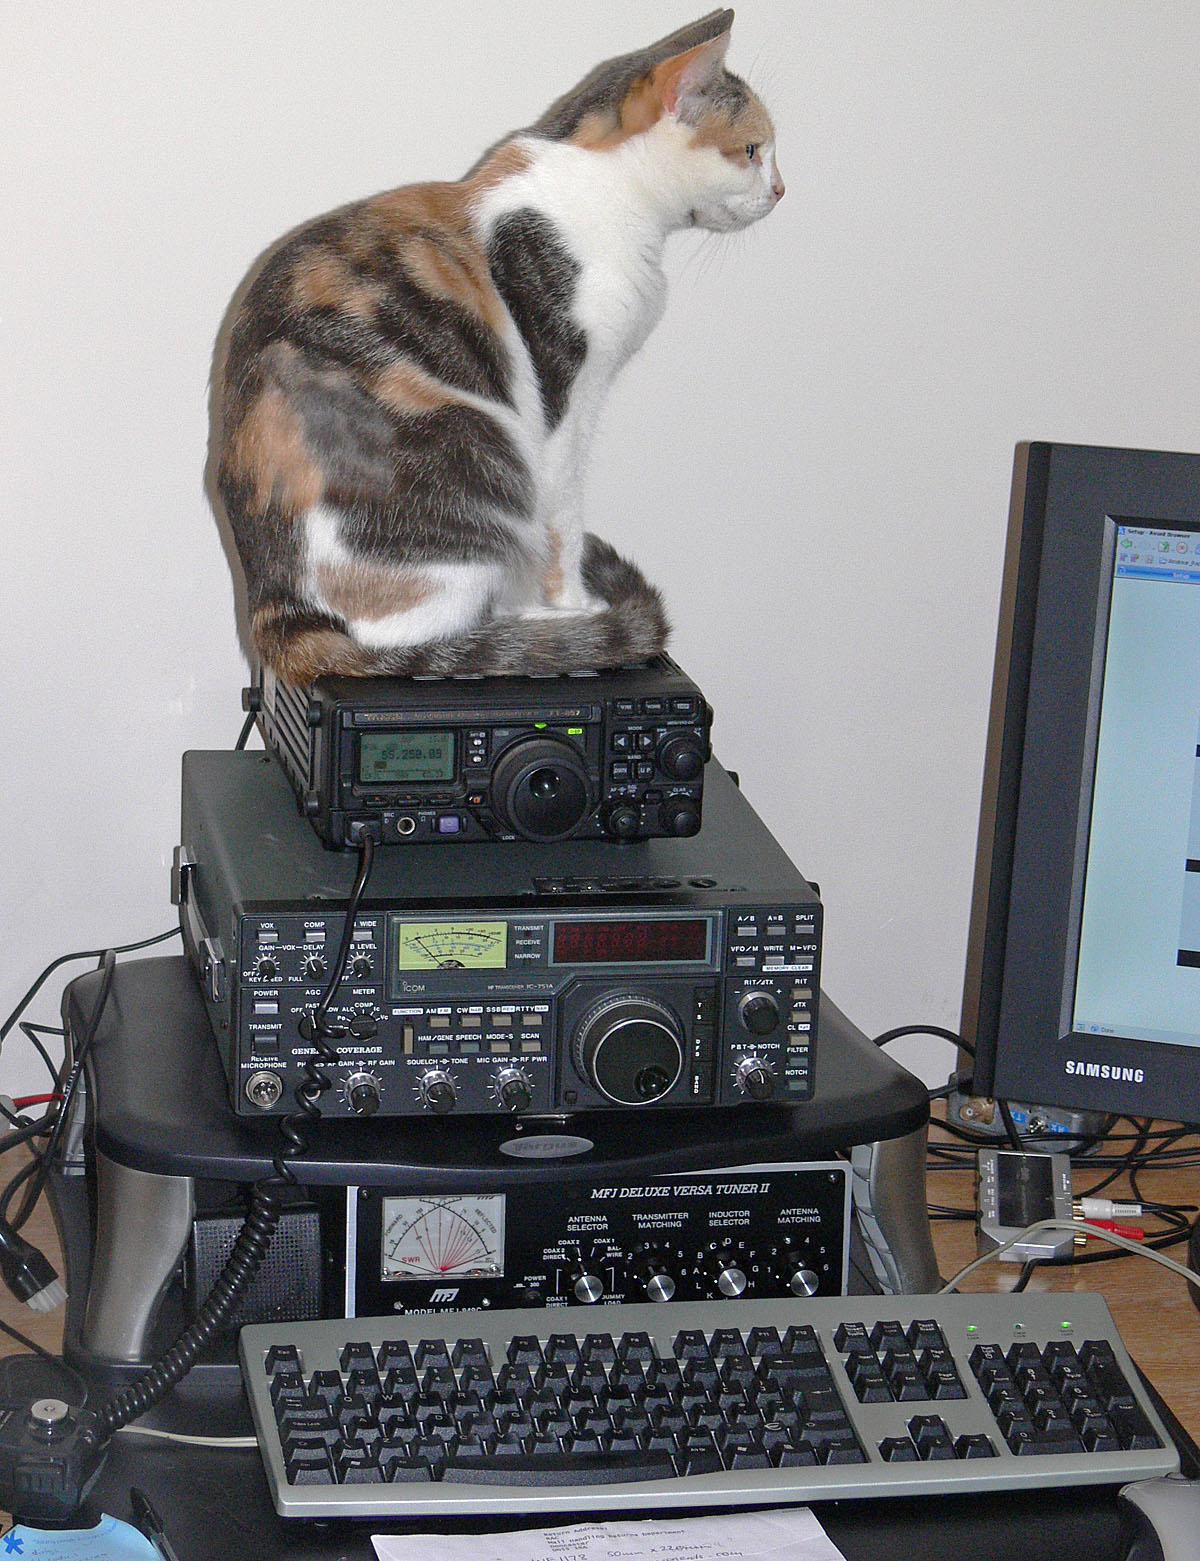 Amateur Radio Station Wb4omm: UK Amateur Radio Station